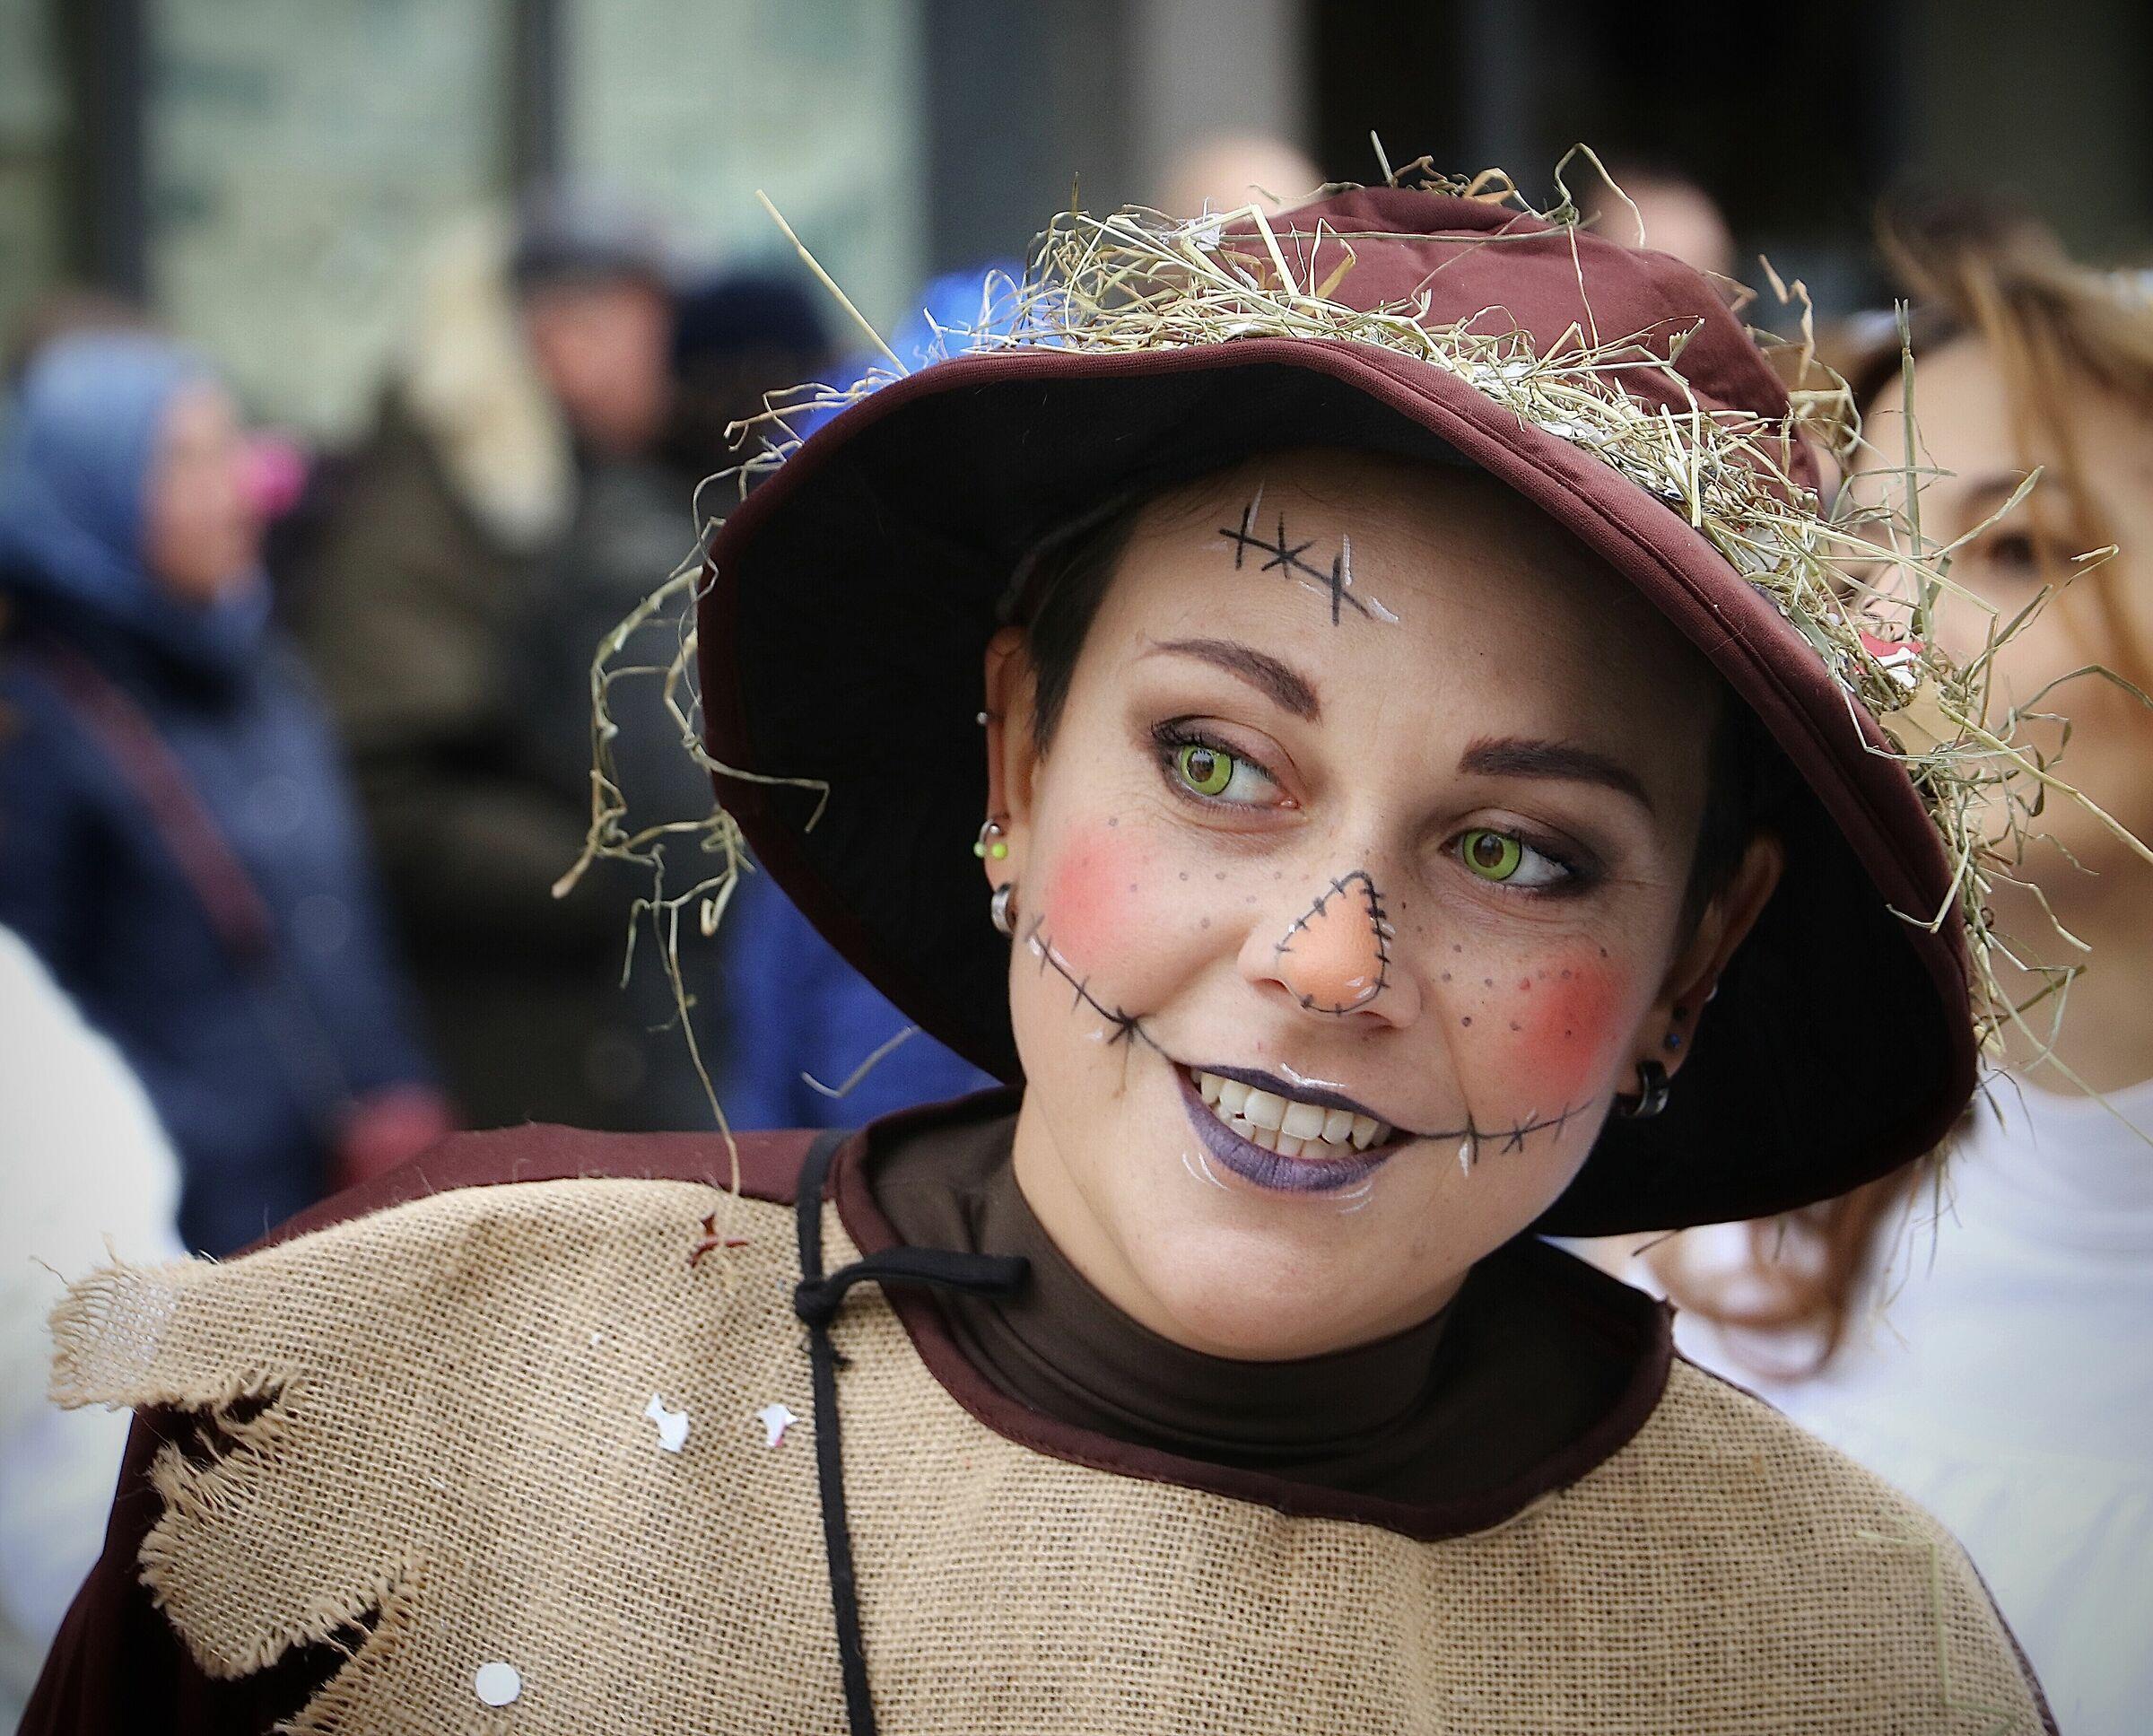 Green eyes, but it's Carnival....